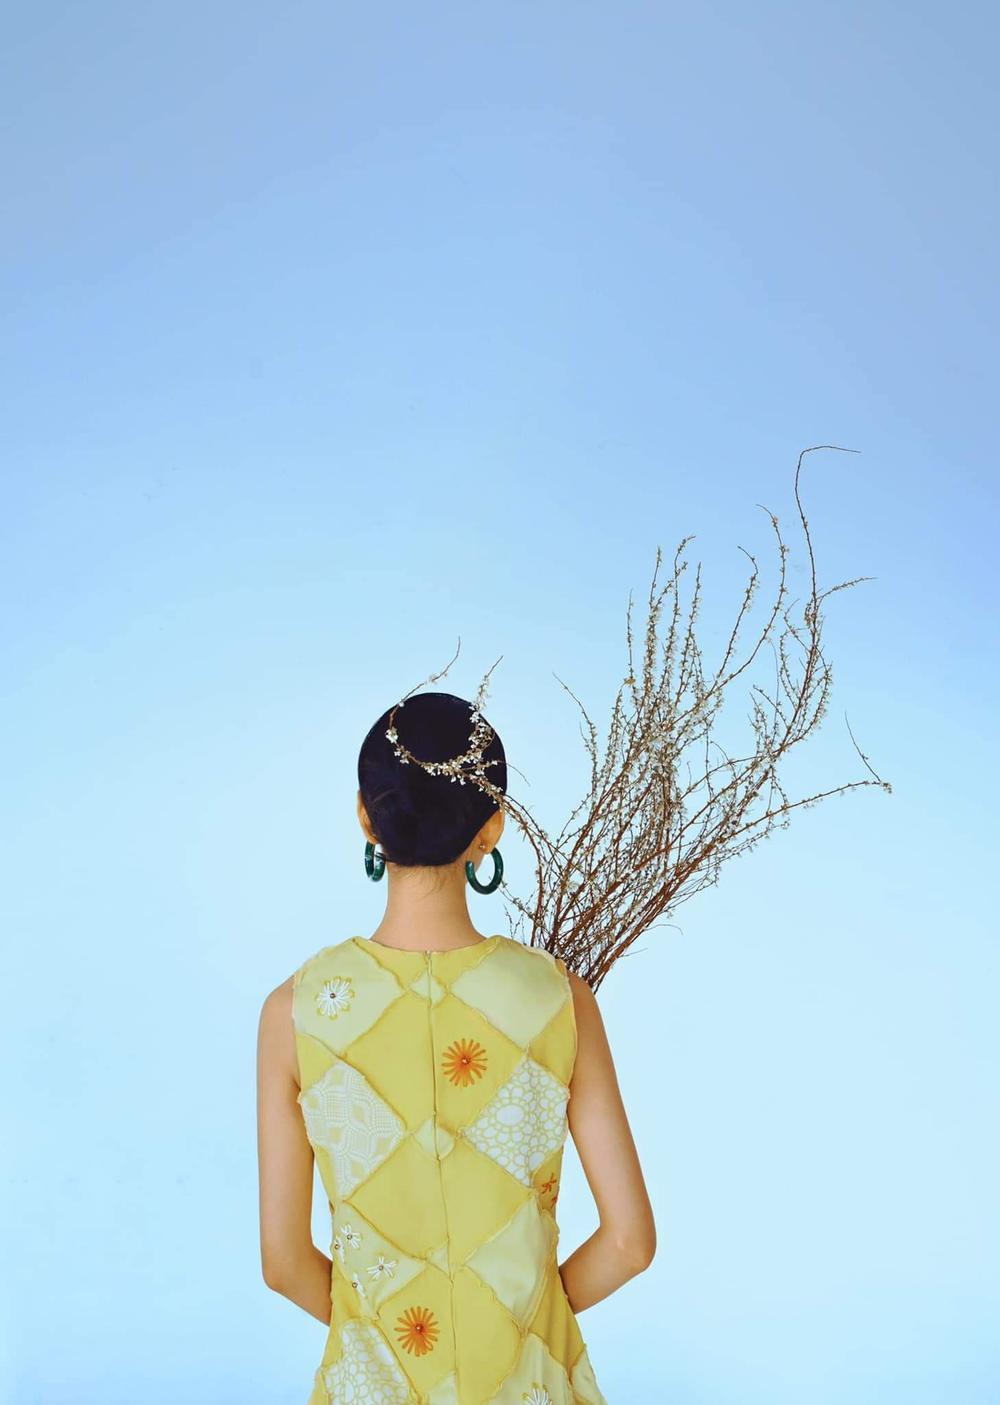 Juky San hoá nàng thơ tao nhã, đẹp thoát tục mơ màng giữa tiết Xuân Ảnh 10